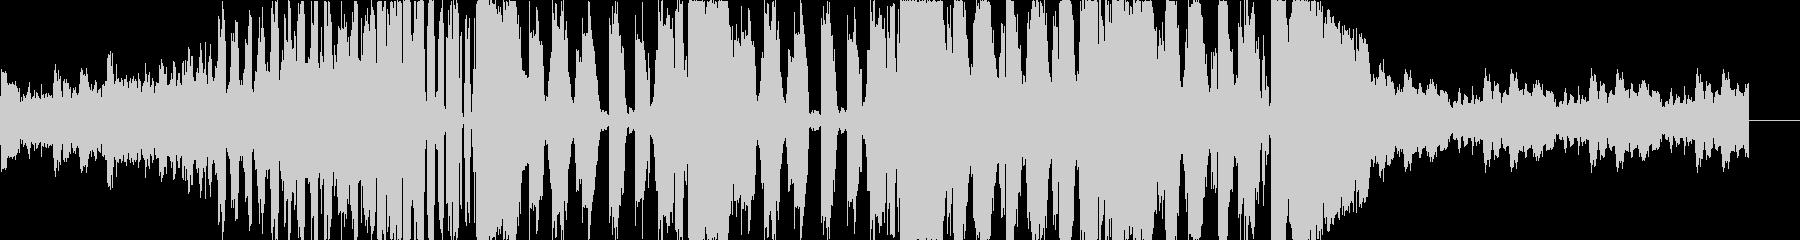 クラシックとダブステップのコラボEDMの未再生の波形